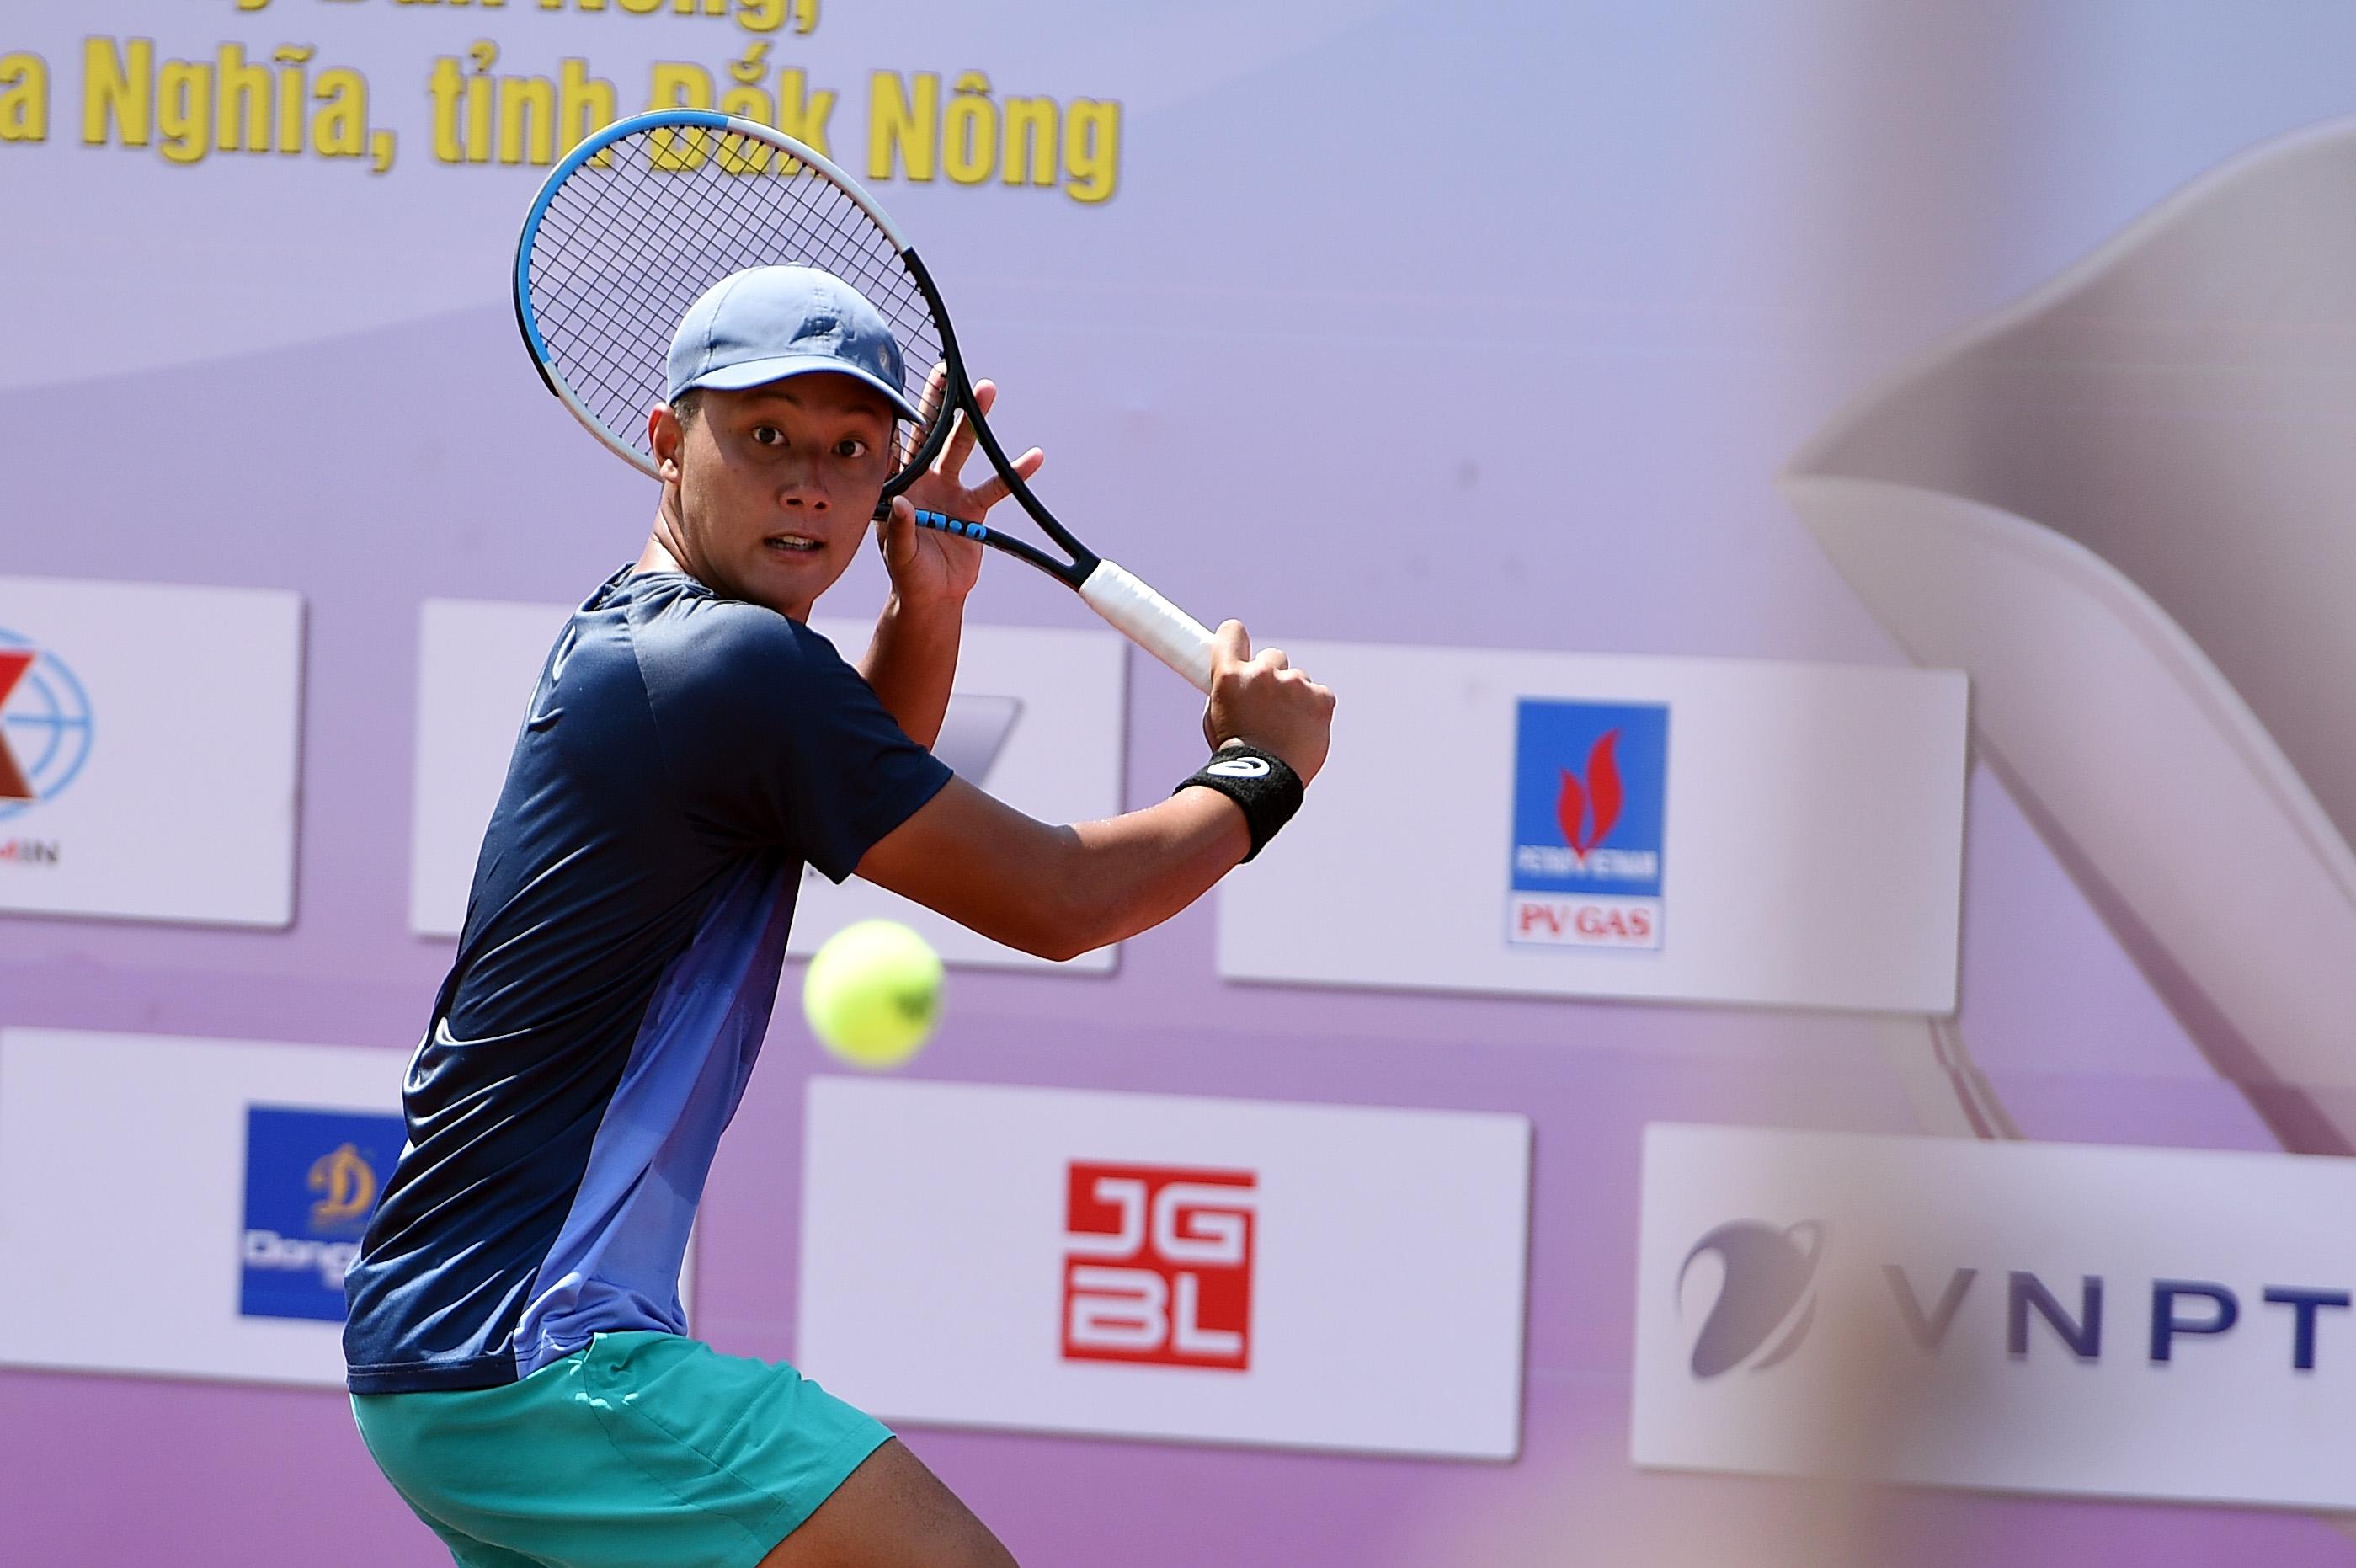 Hình ảnh: Giải quần vợt Vô địch Đồng đội Quốc – Đăk Nông 2021: Lý Hoàng Nam có mặt ở tứ kết, TP.HCM tiếp tục thăng hoa số 1